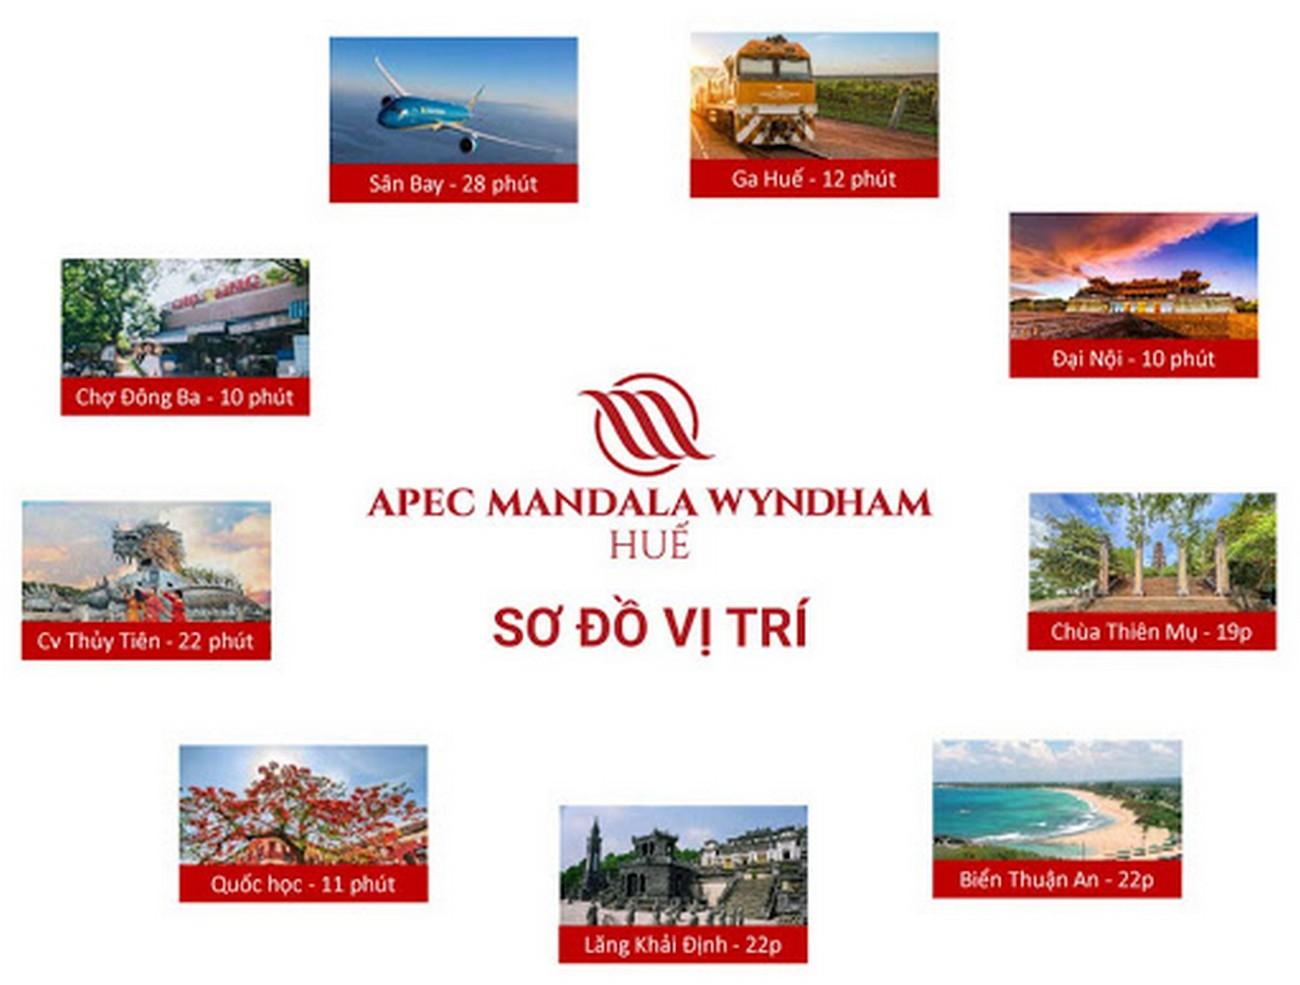 Vị trí địa chỉ dự án Condotel Apec Mandala Wyndham Huế Hương Thủy Khu Đô Thị An Vân Dương chủ đầu tư Apec Group